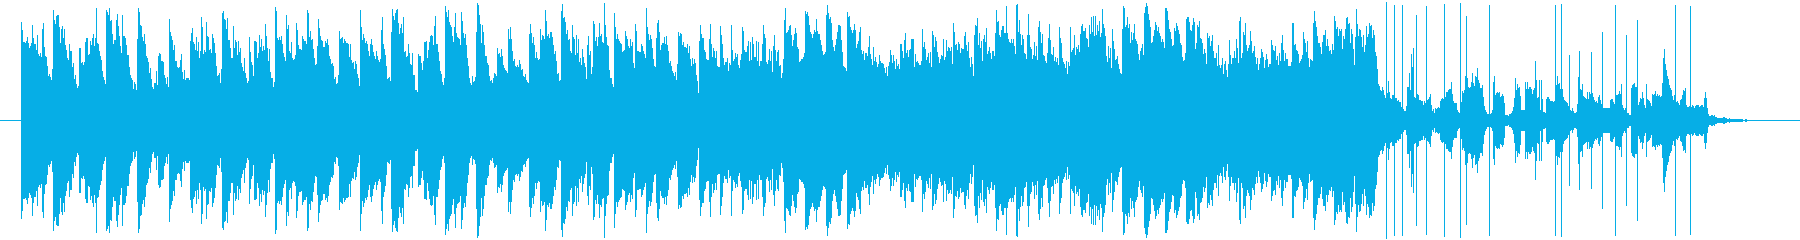 ピアノがかわいいBGMの再生済みの波形